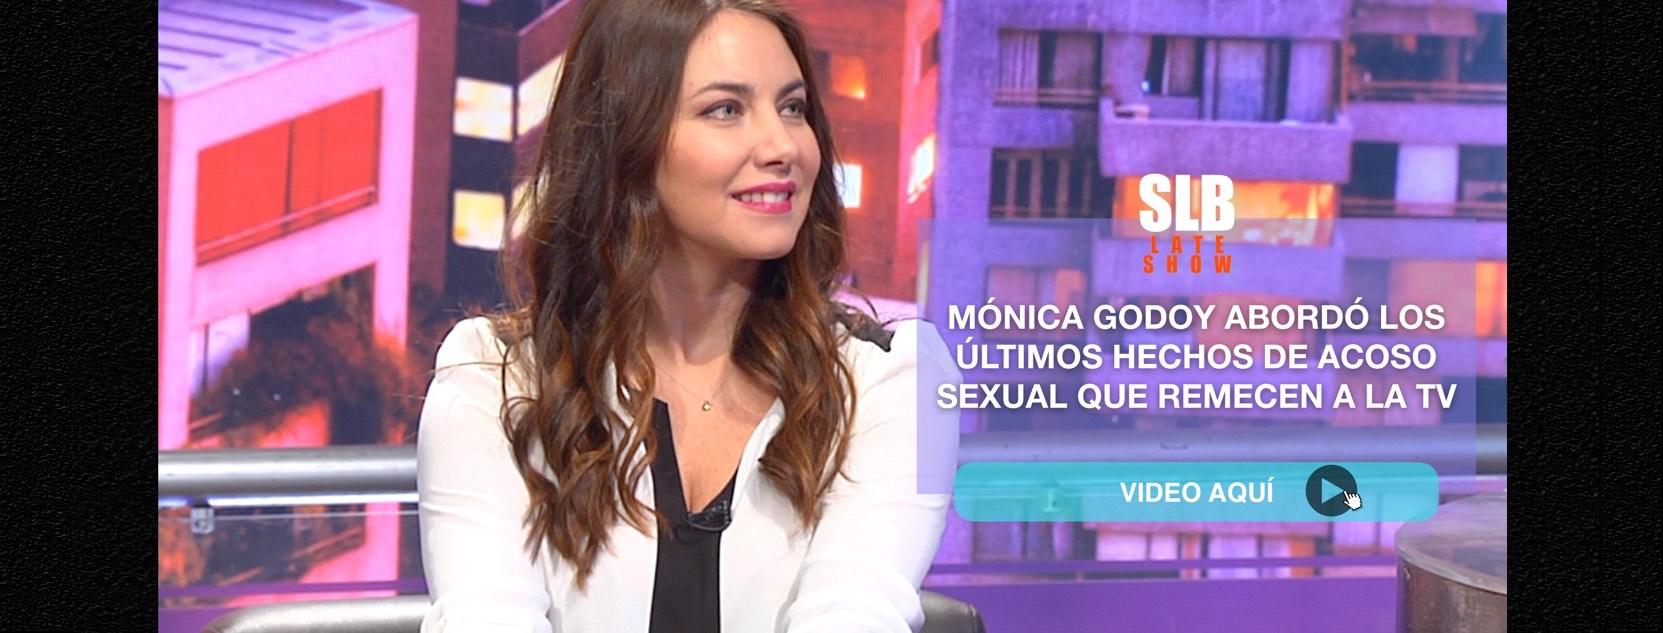 mónica-godoy-